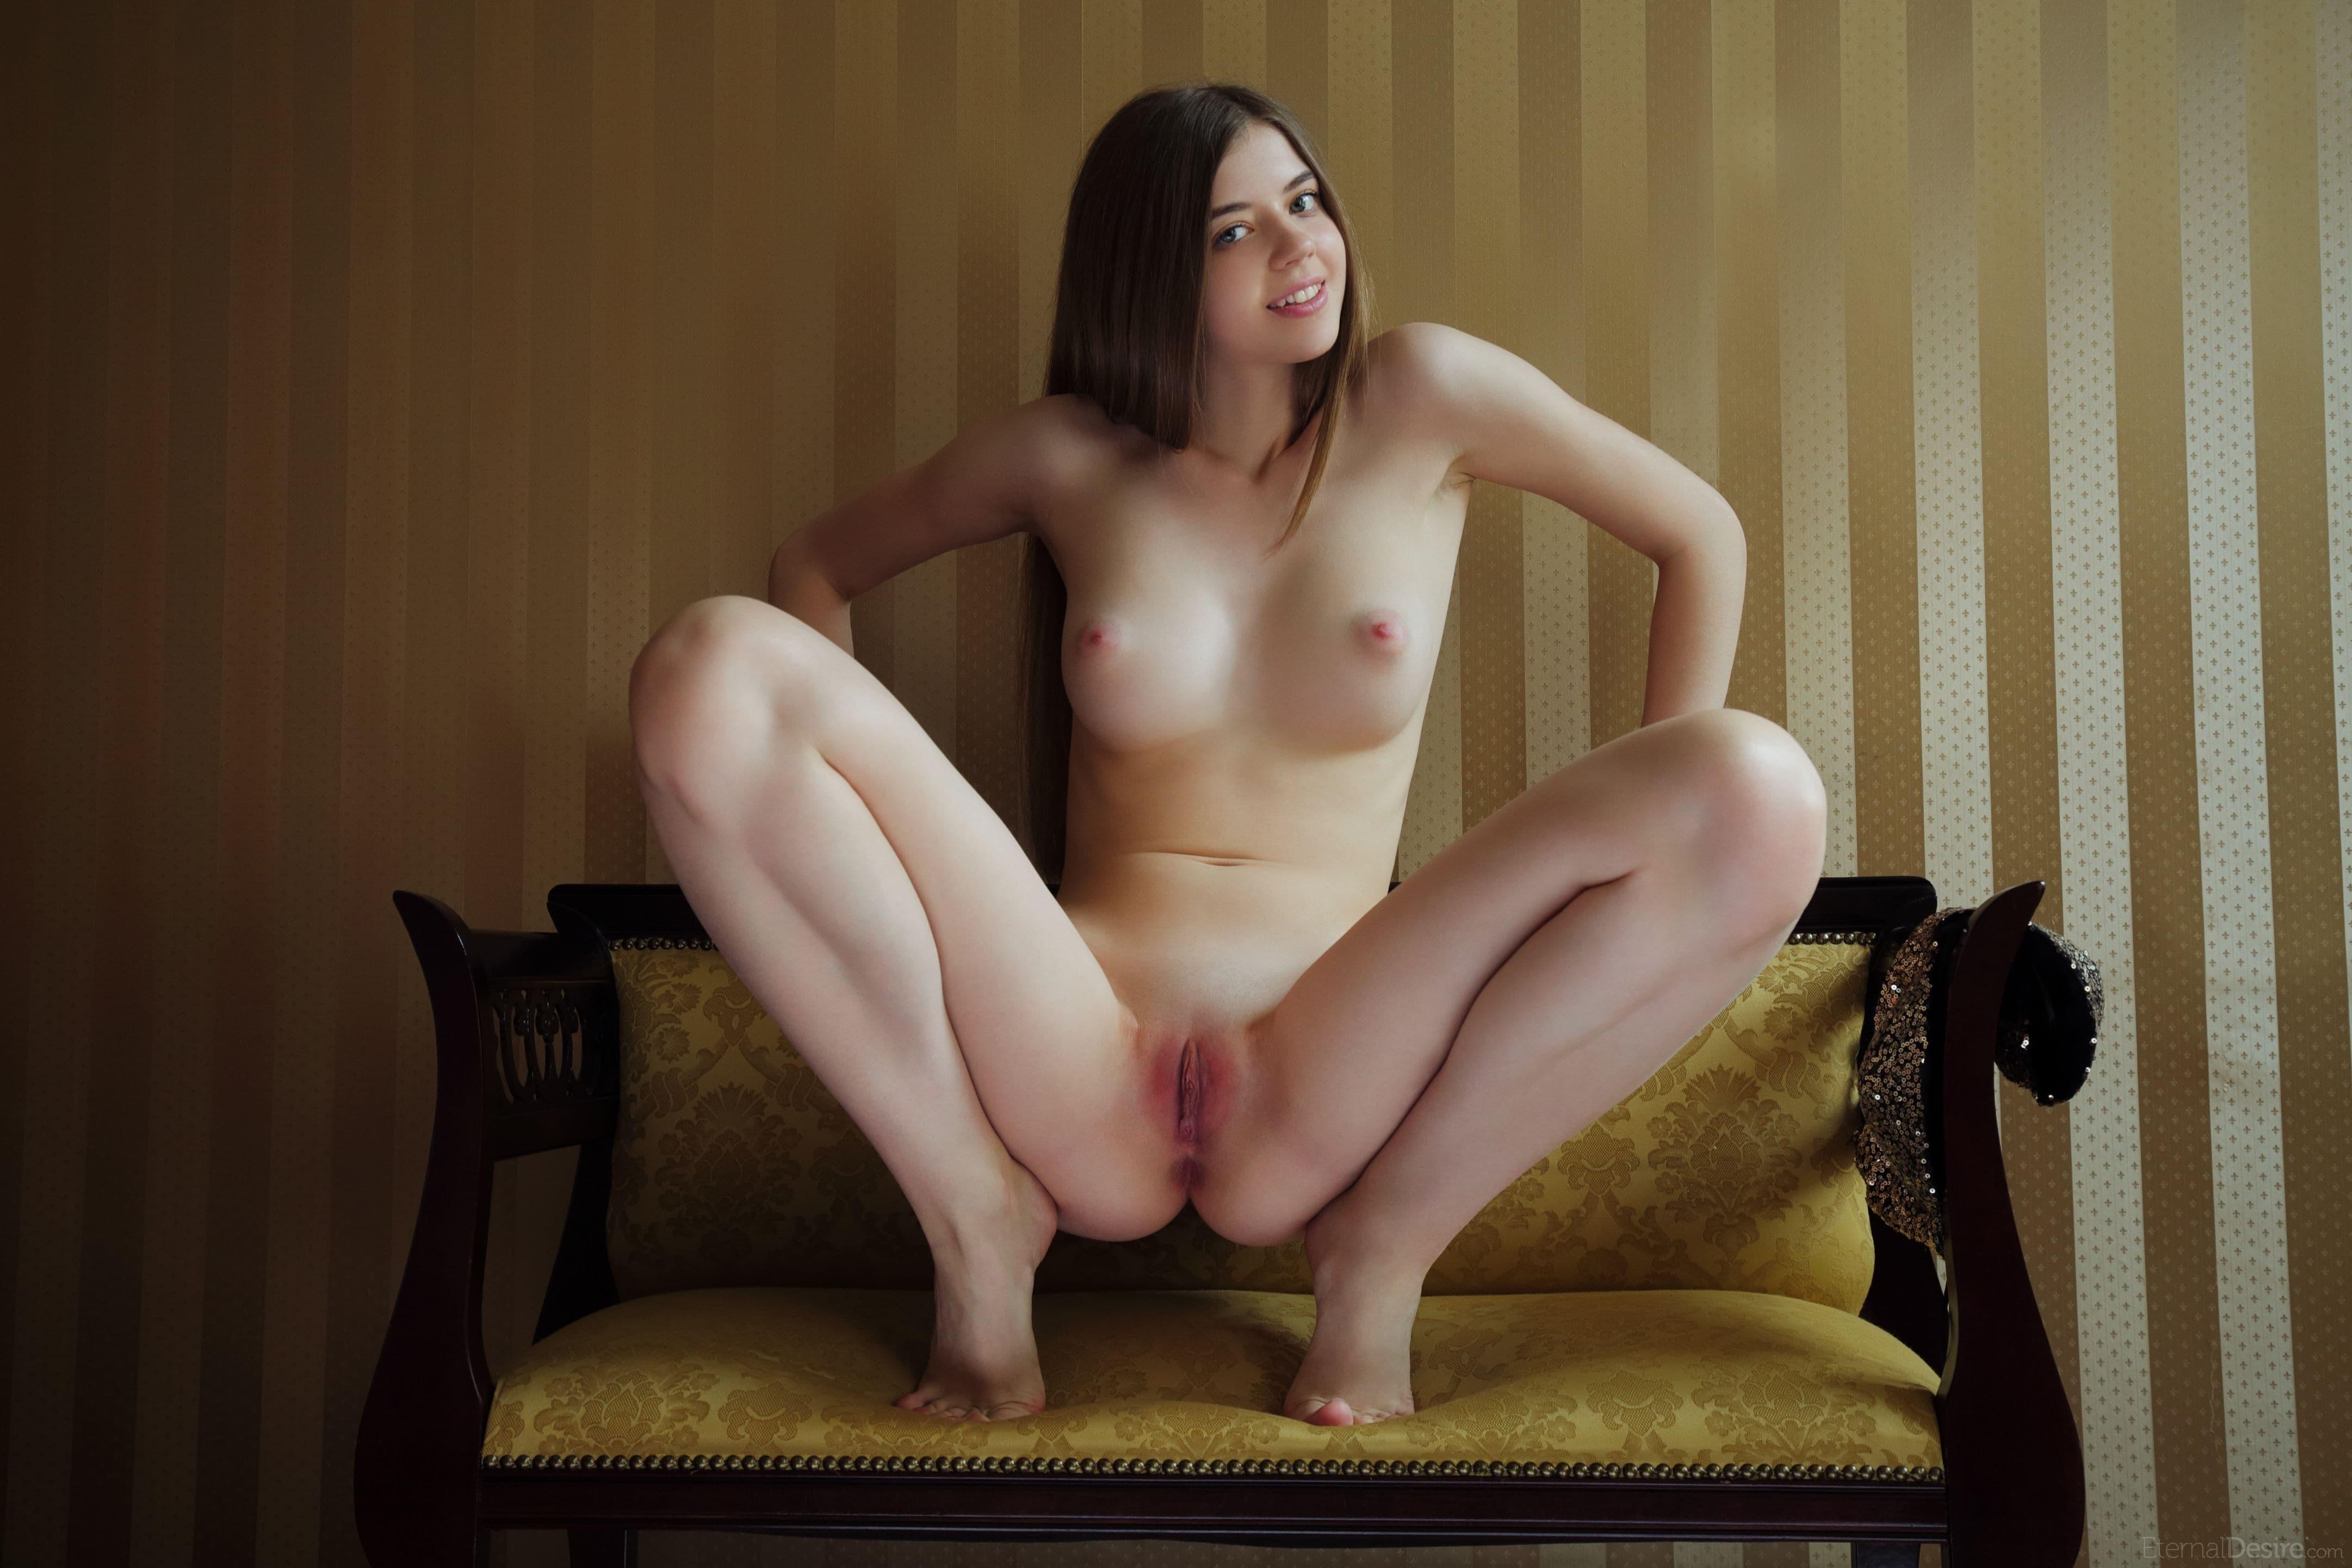 Голая девка раскрыла мокрое влагалище - фото